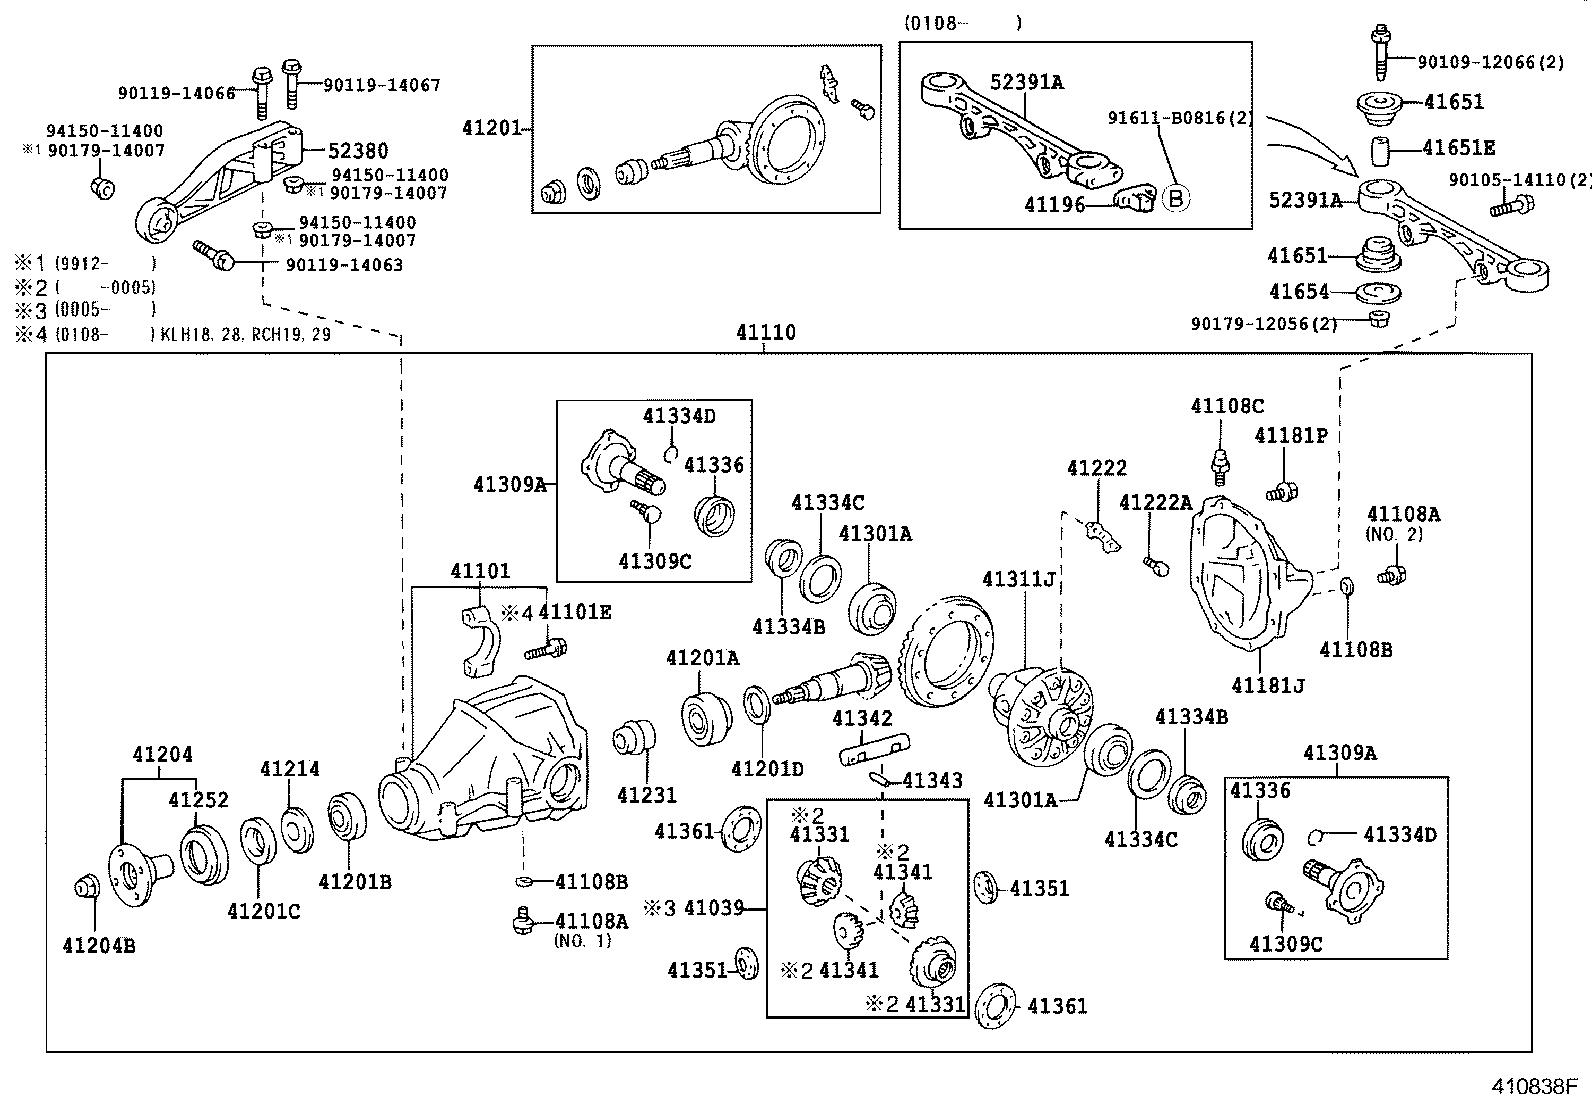 4y electronic distributor wiring diagram blue sea 7610 toyota 3y auto